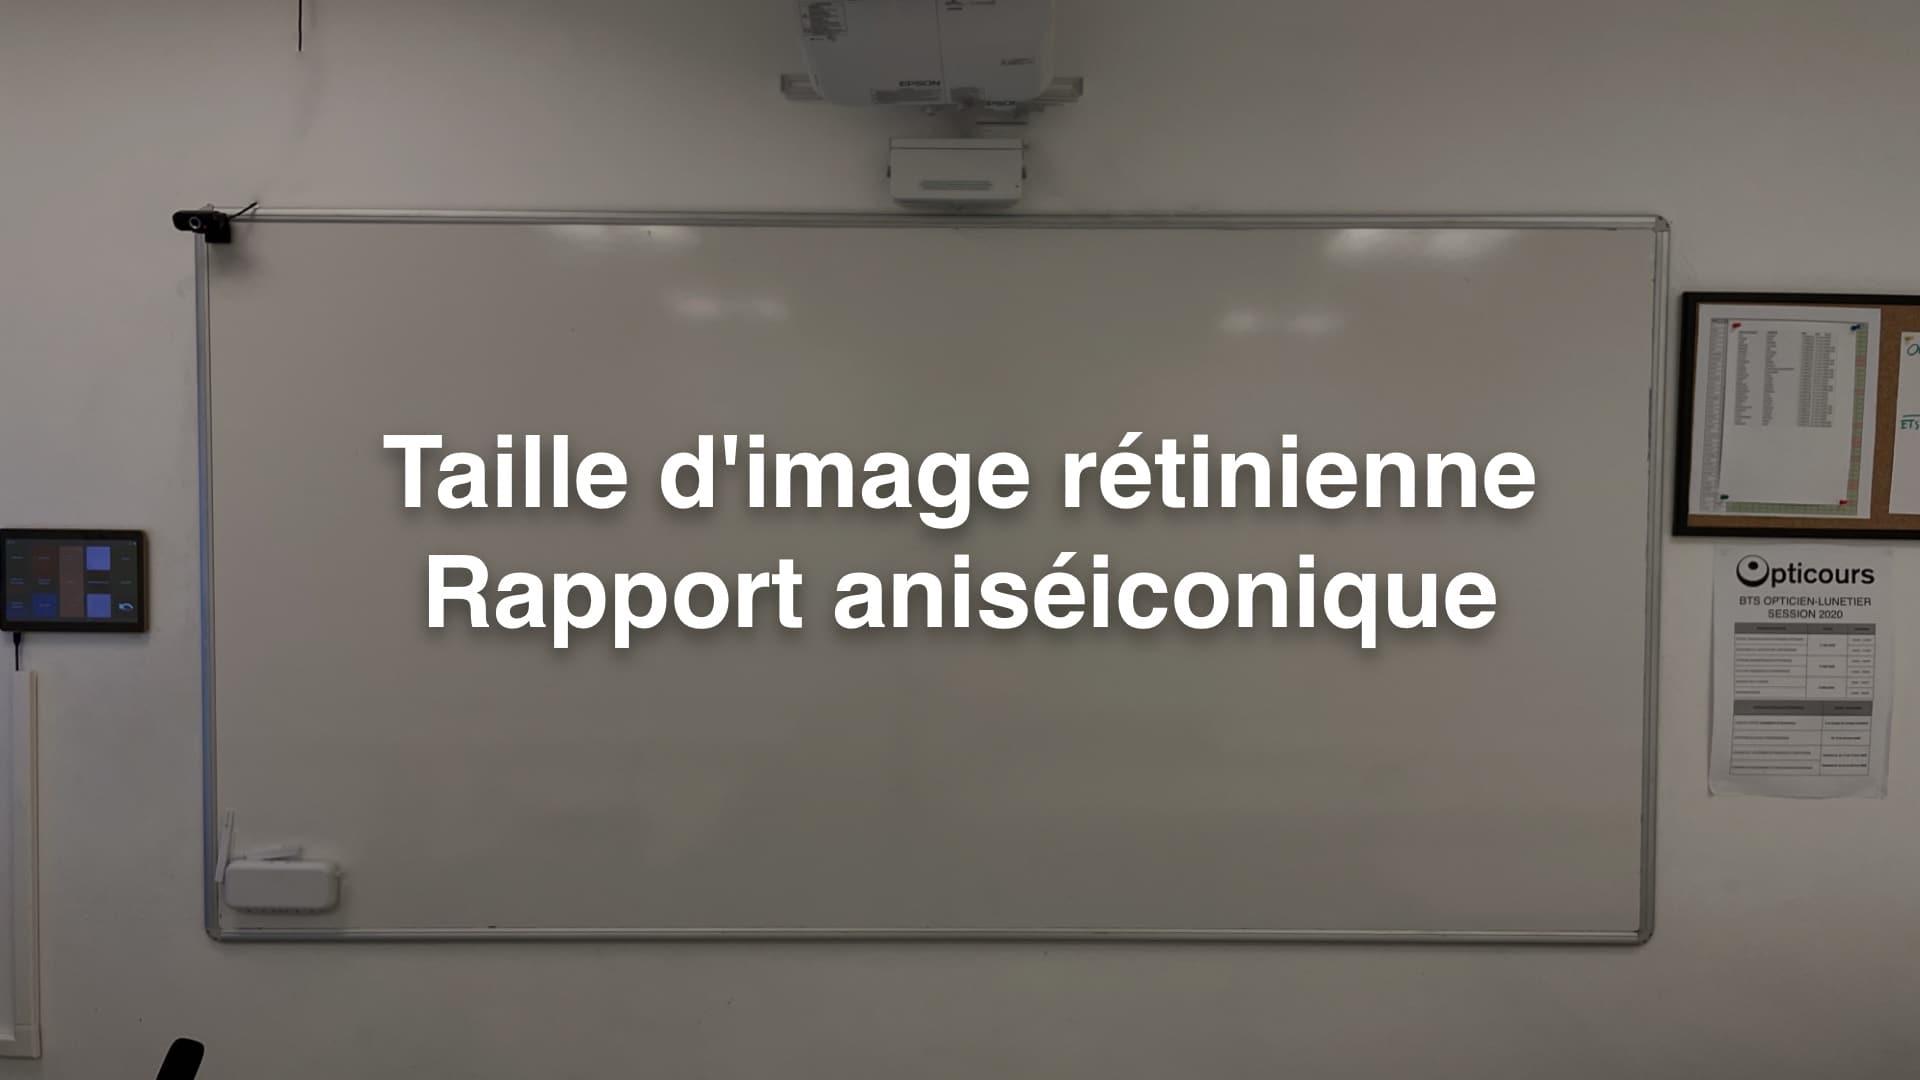 Taille d'image rétinienne - Rapport aniséiconique